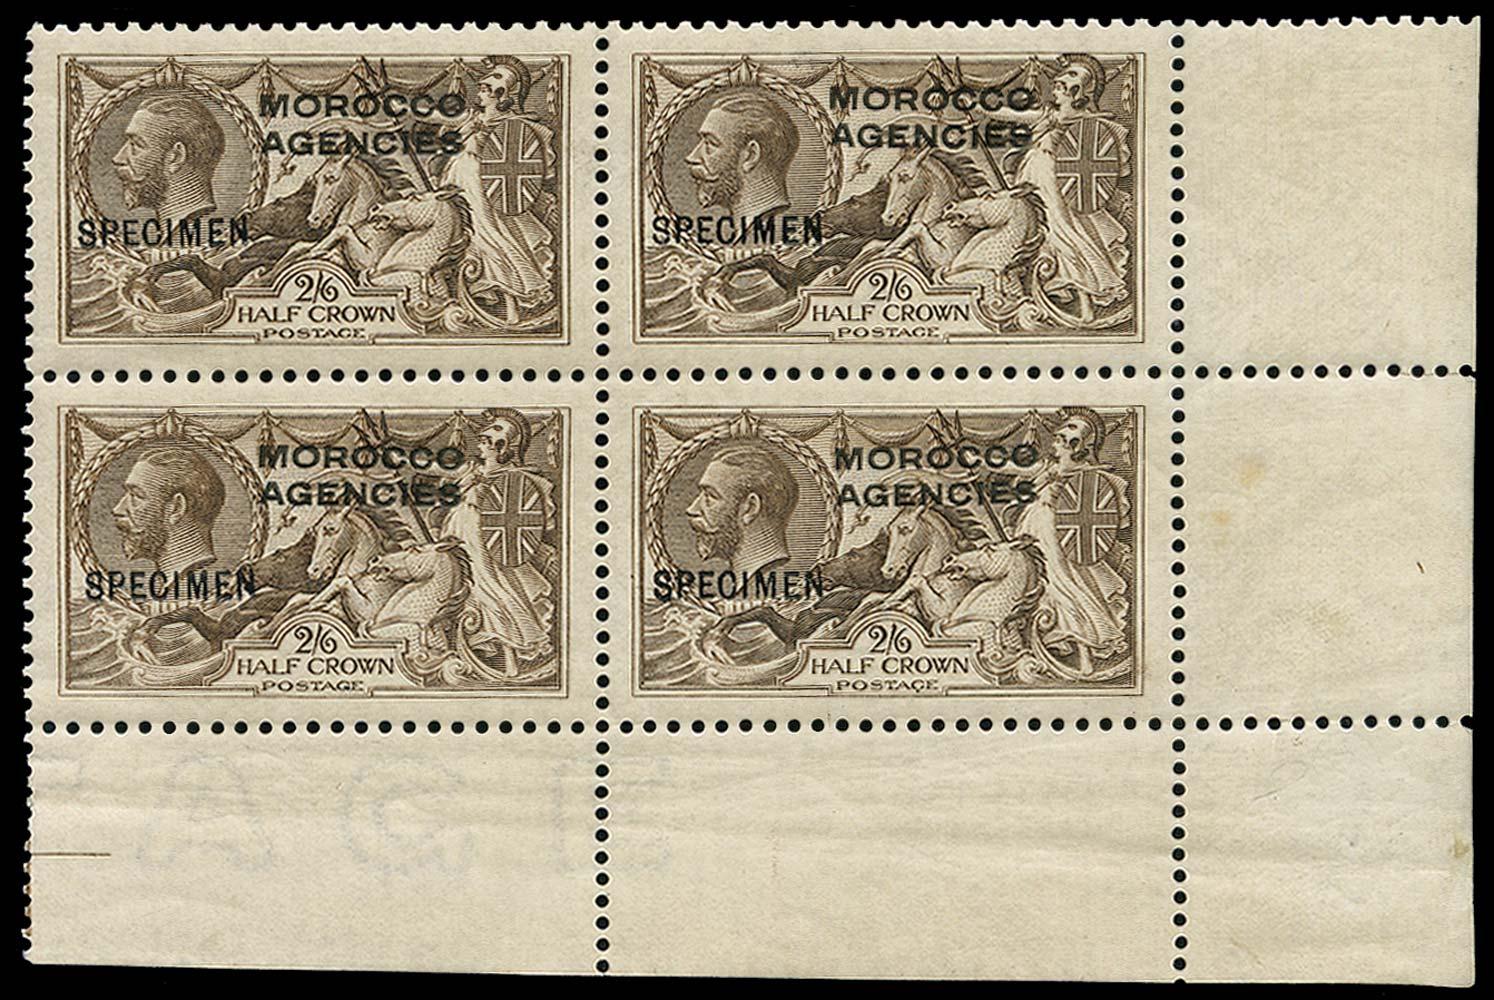 MOROCCO AGENCIES 1914  SG50 Specimen